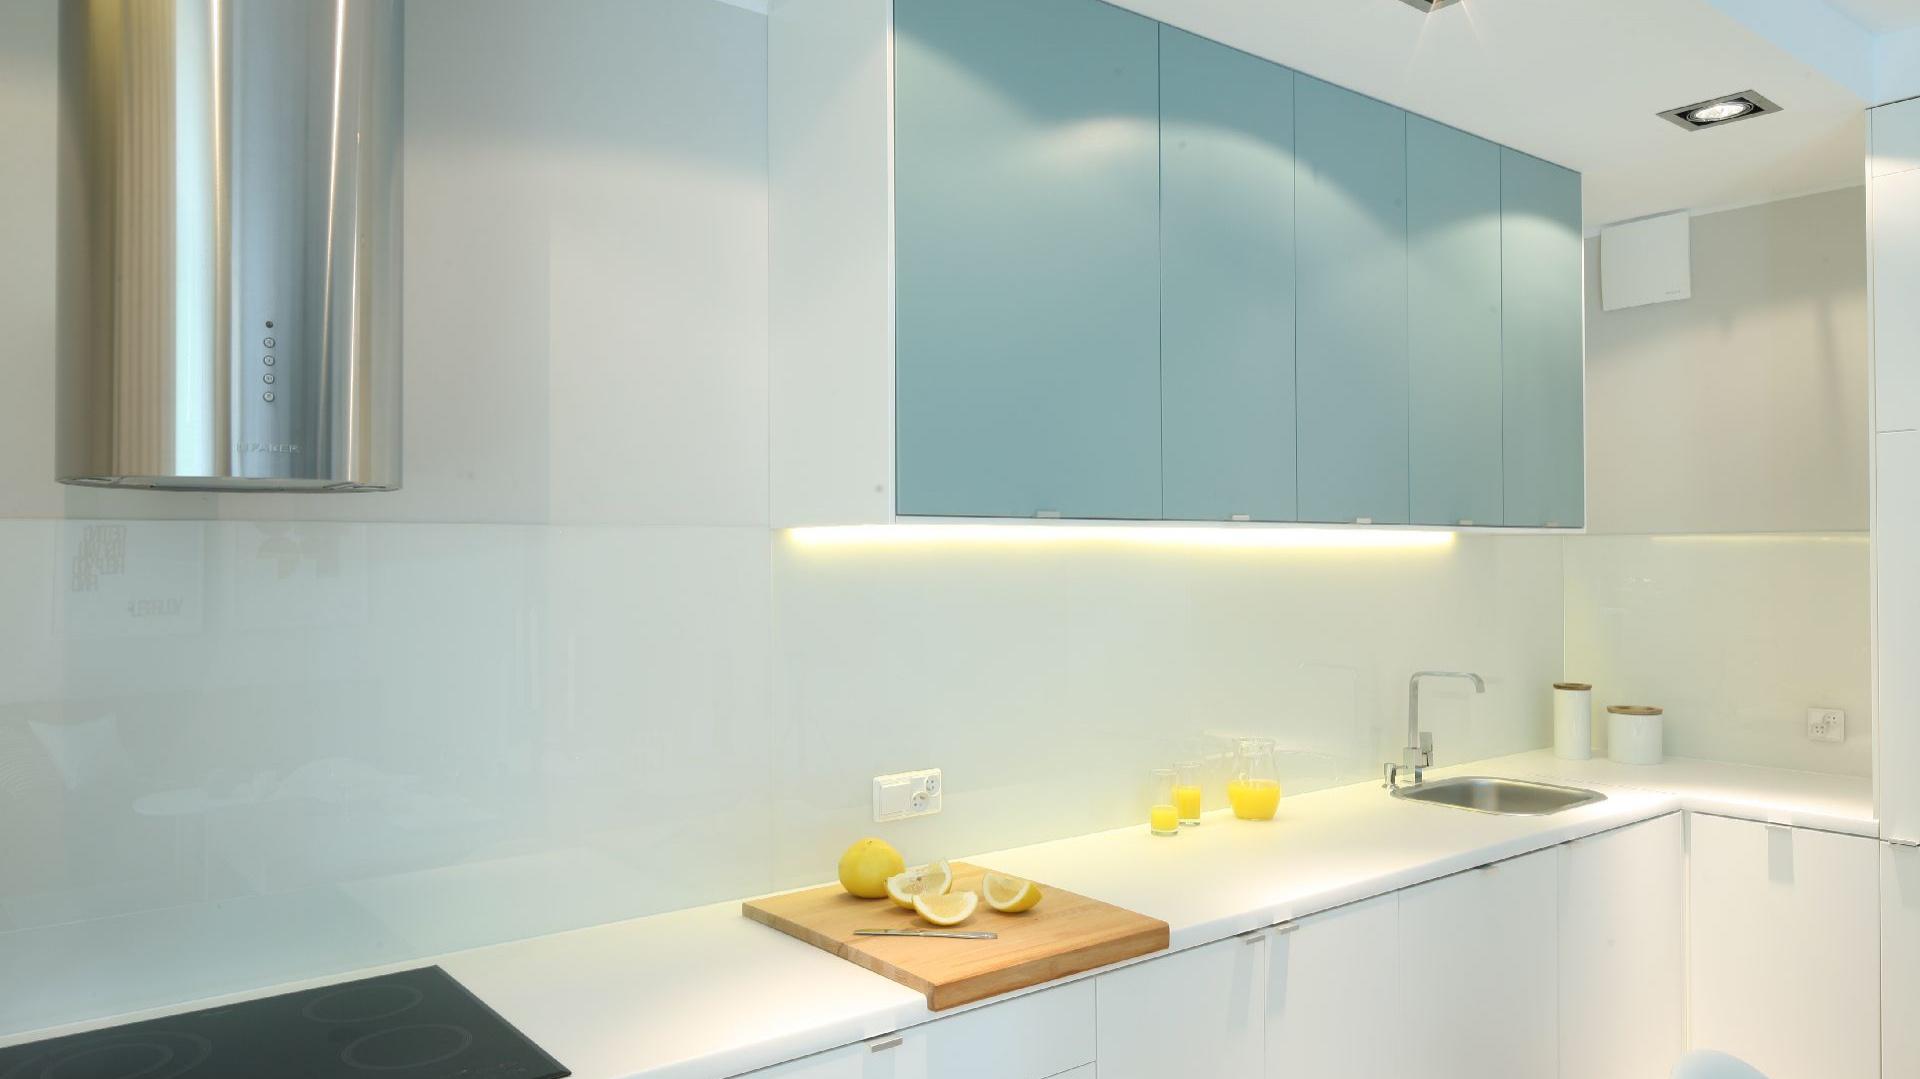 Kolor W Kuchni 15 Sposobow Na Energetyczne Wnetrze